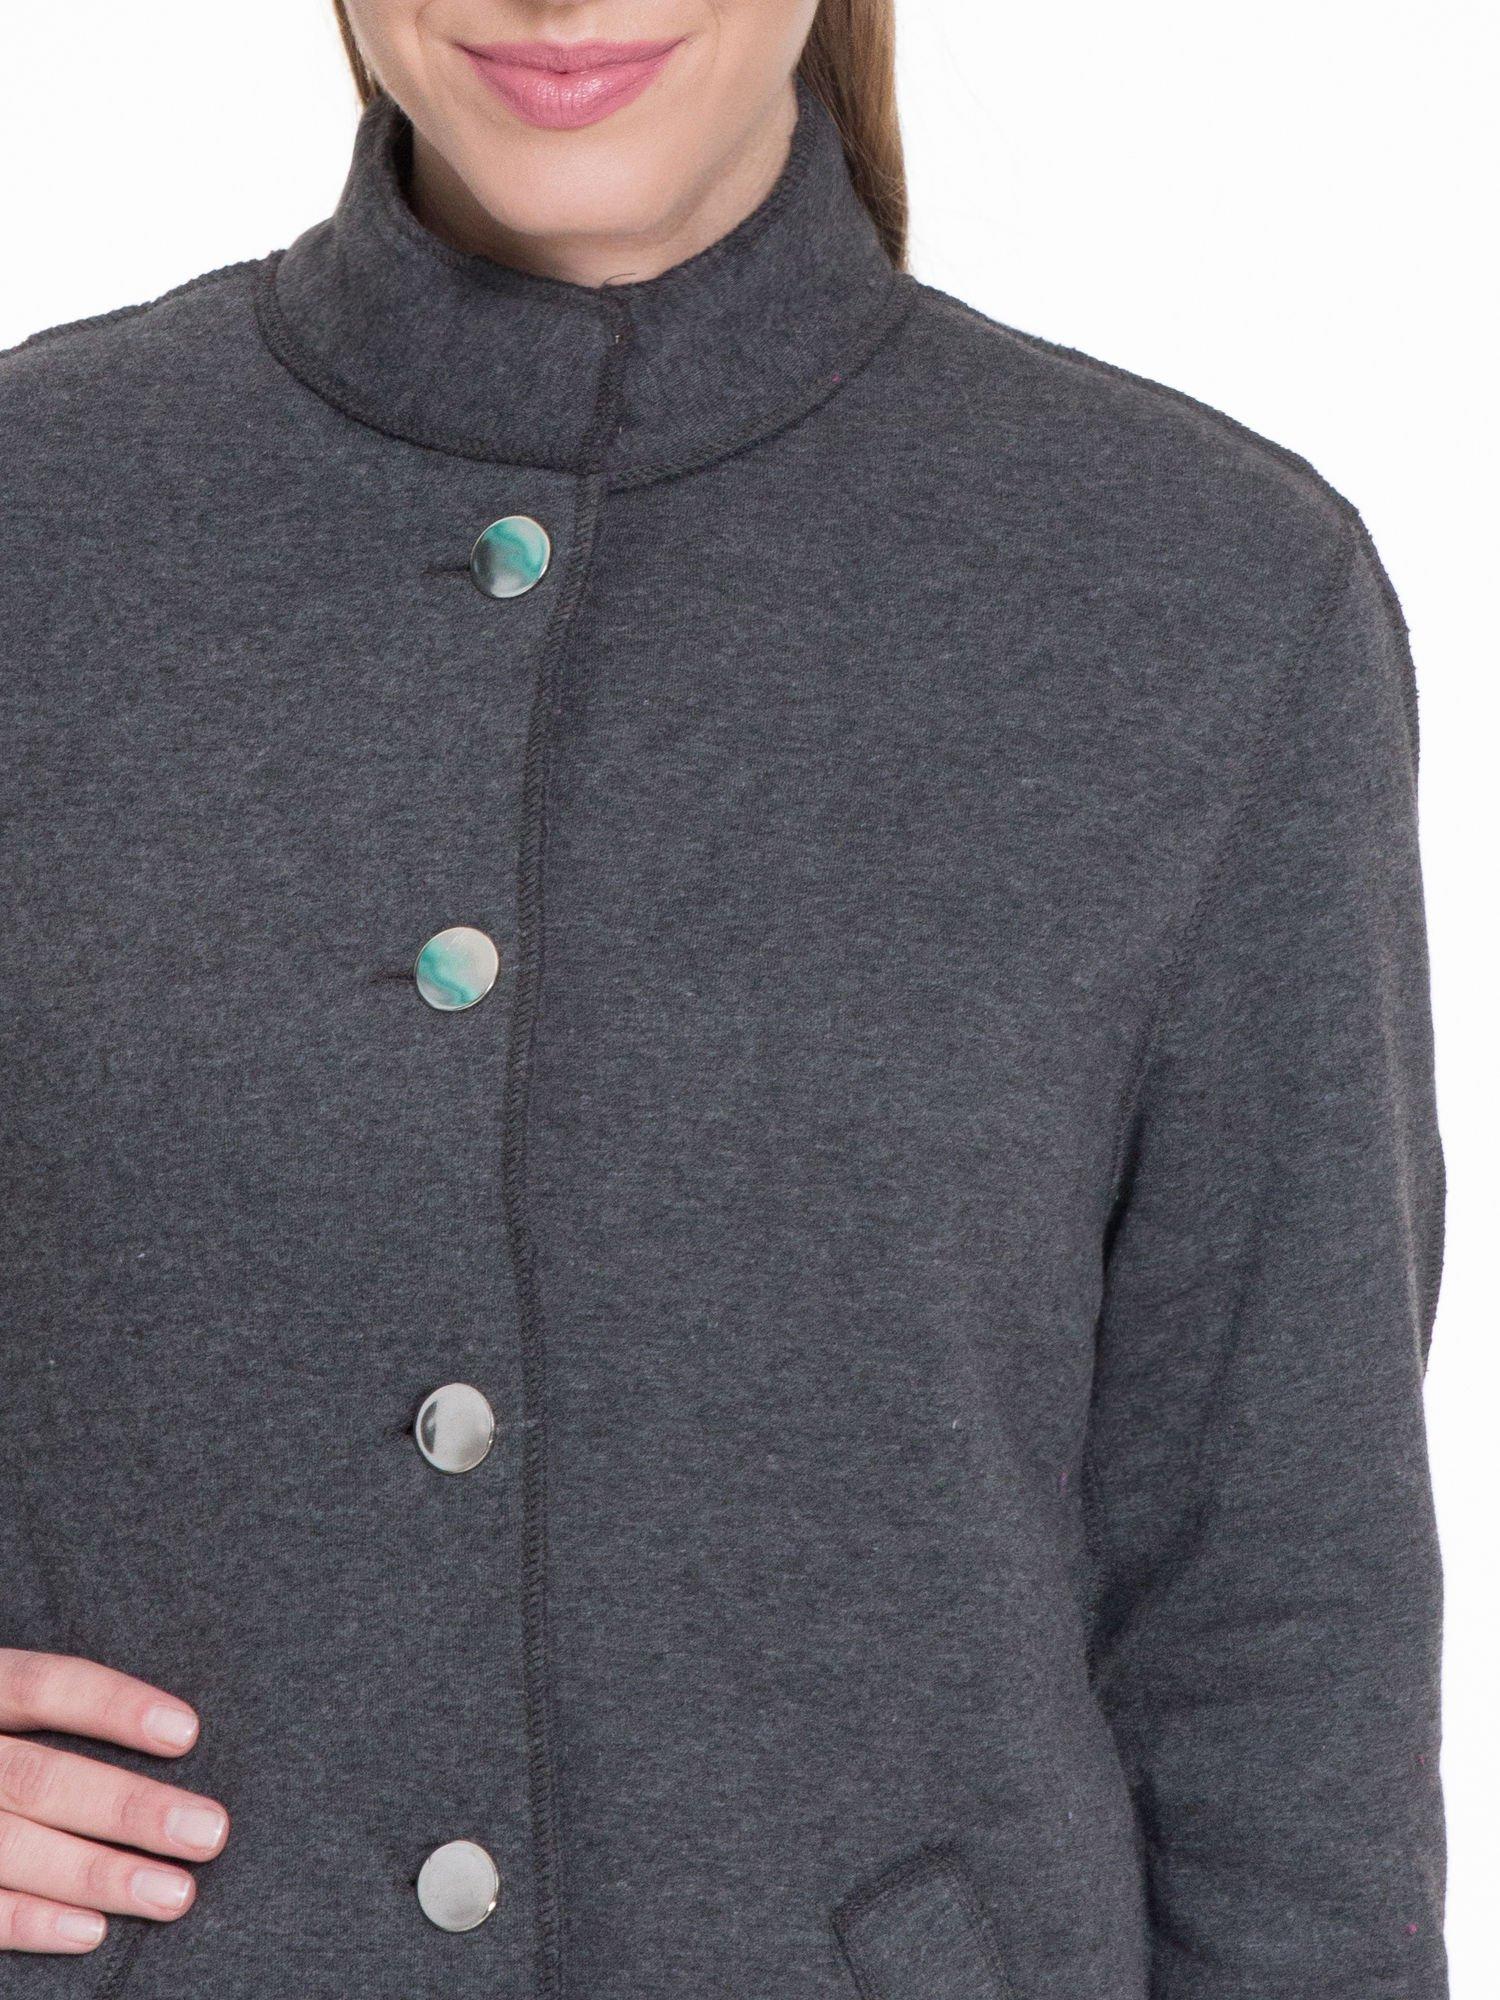 Ciemnoszary dresowy płaszcz o kroju oversize                                  zdj.                                  4